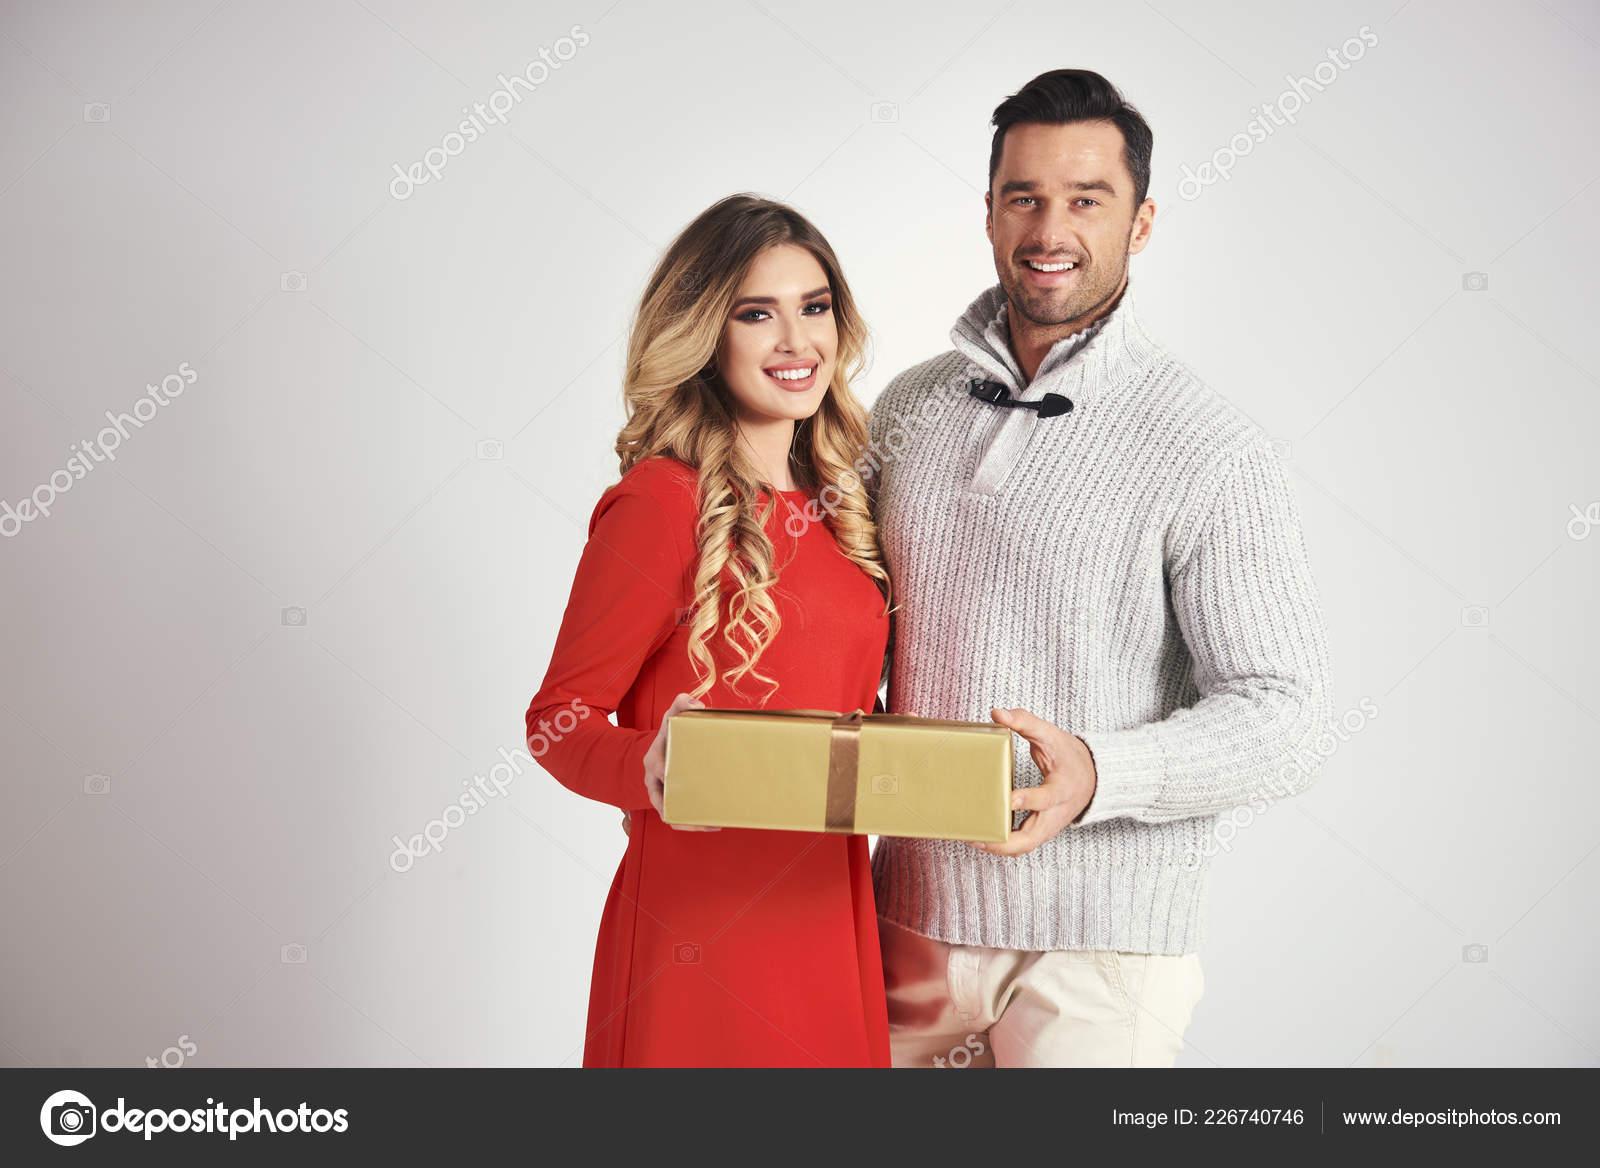 Geben Ein Weihnachtsgeschenk Für Frau Mann — Stockfoto ...